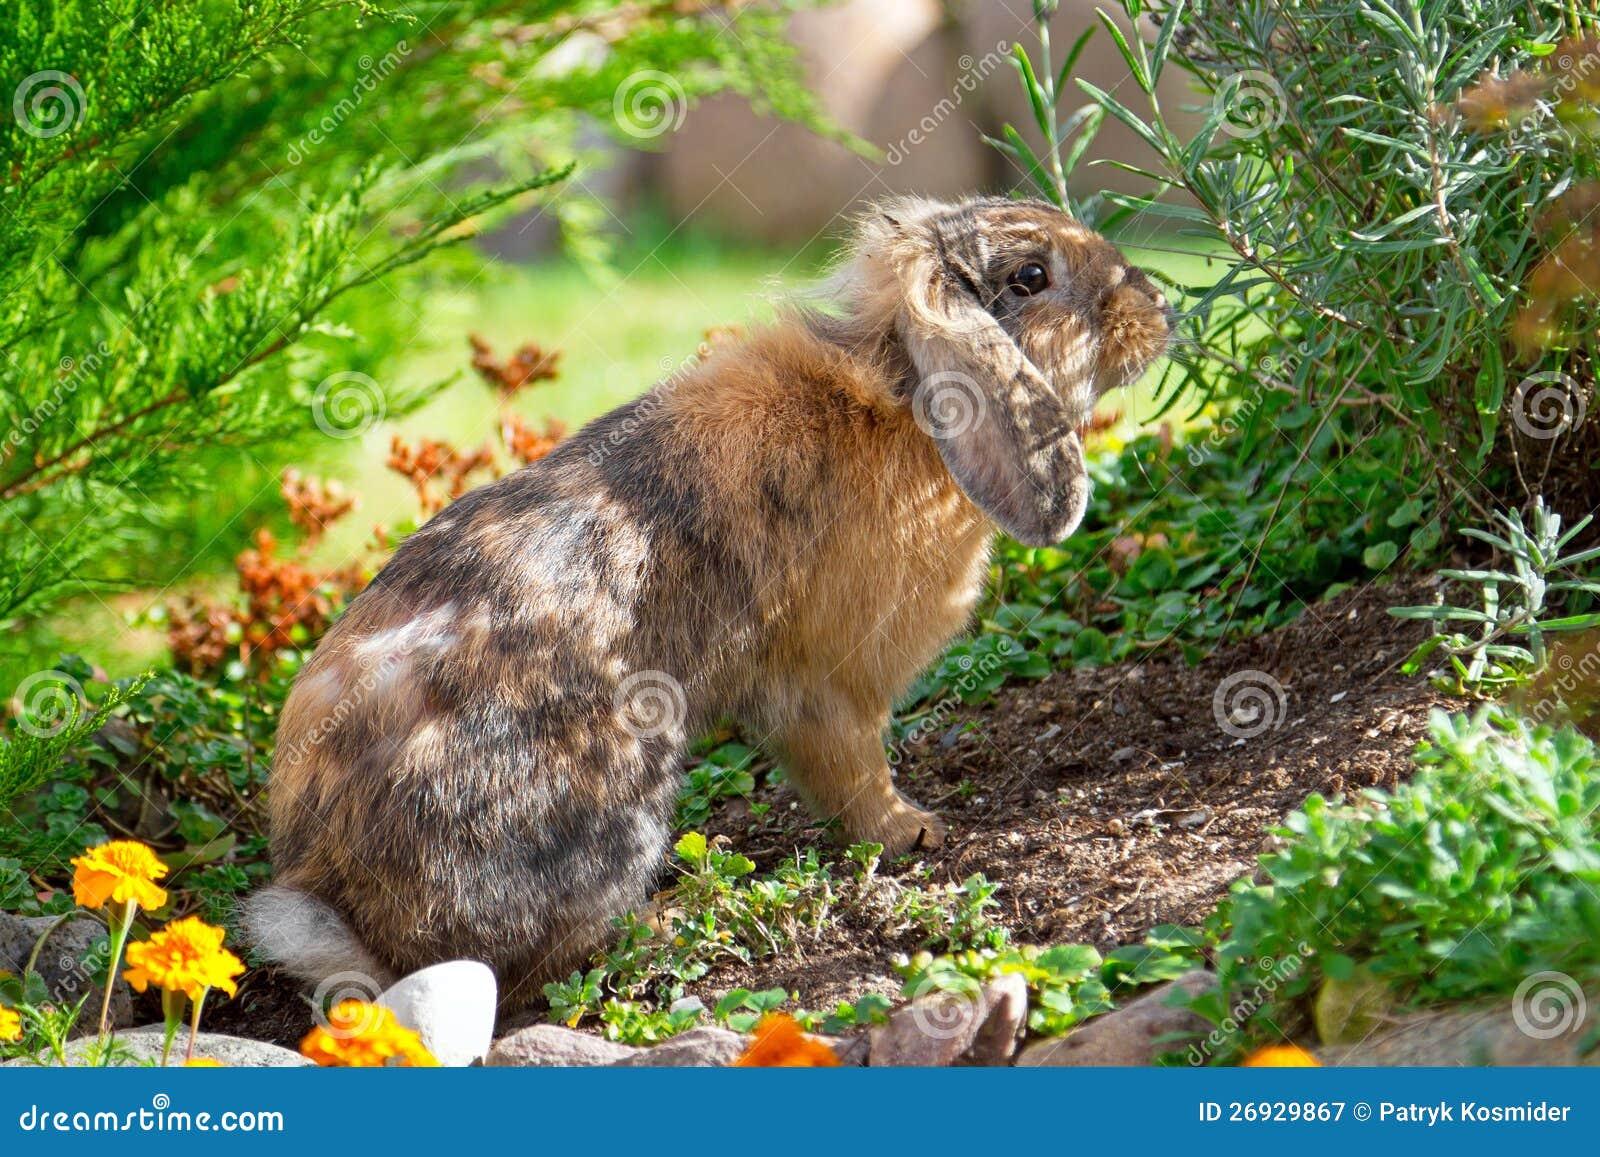 兔子在庭院里